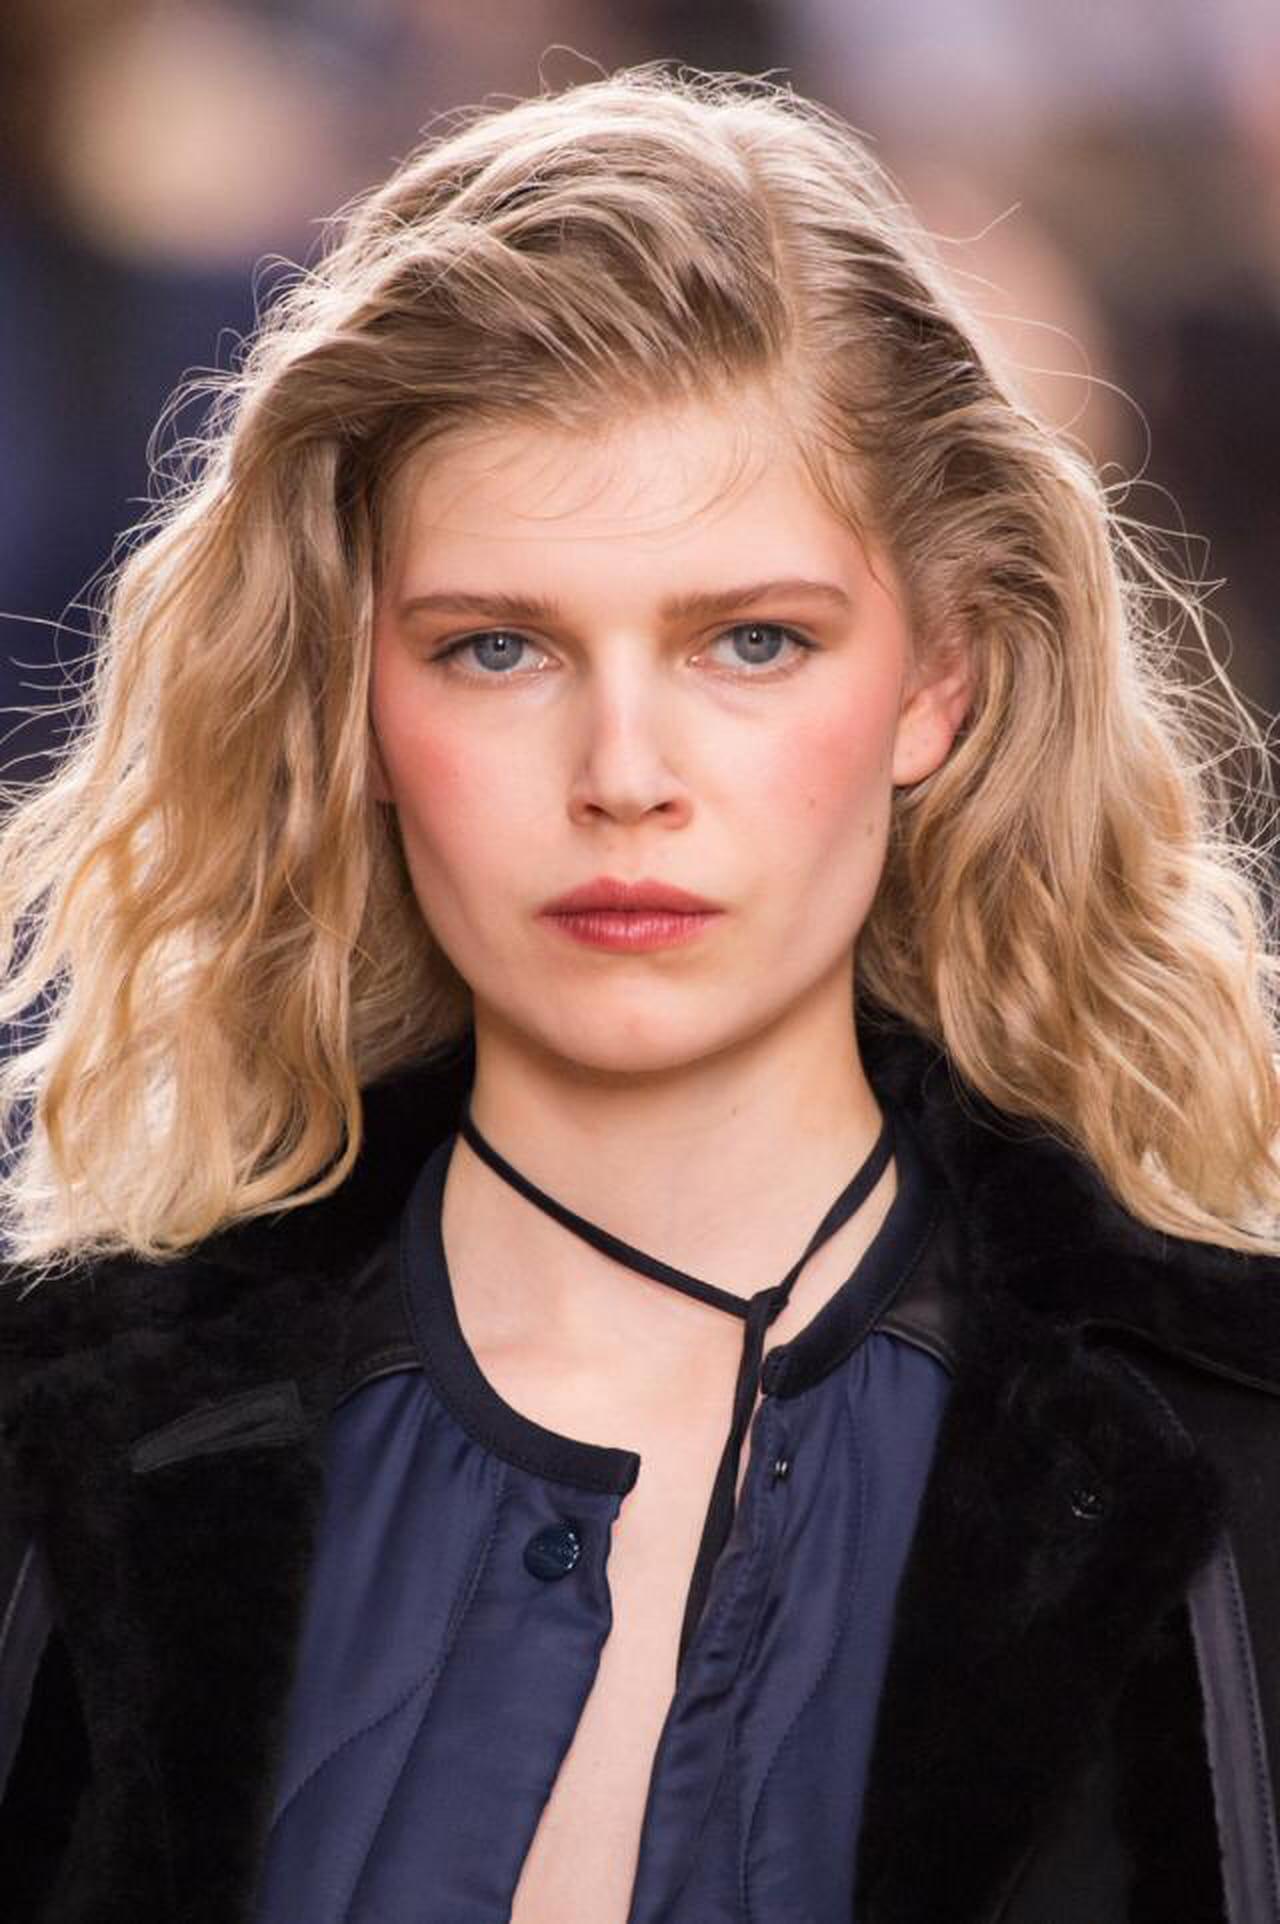 Tagli capelli 2018: trend per tutte le lunghezze